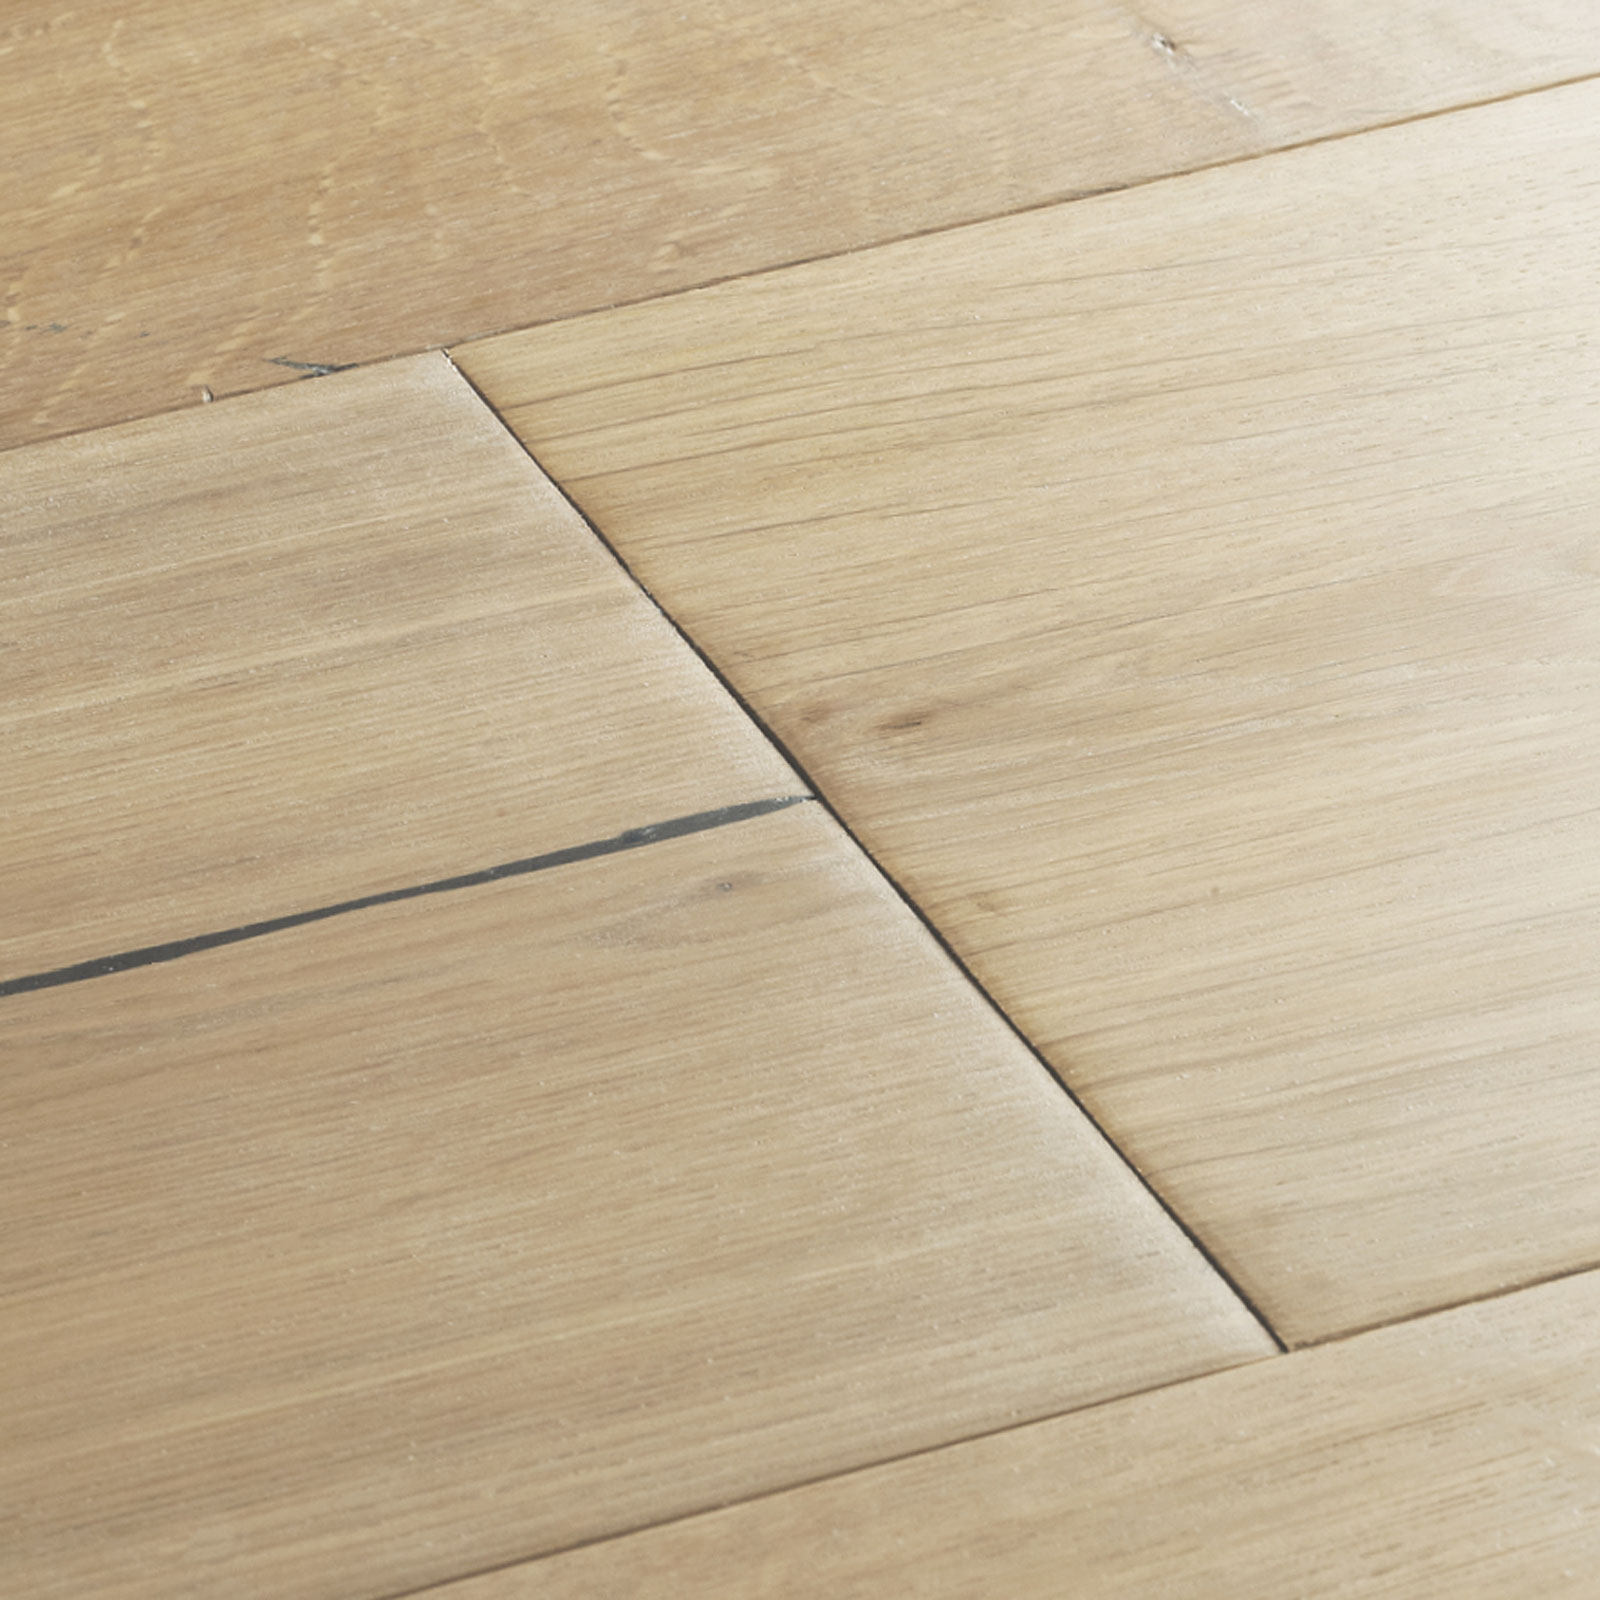 swatch-cropped-berkeley-montana-oak-1600.jpg